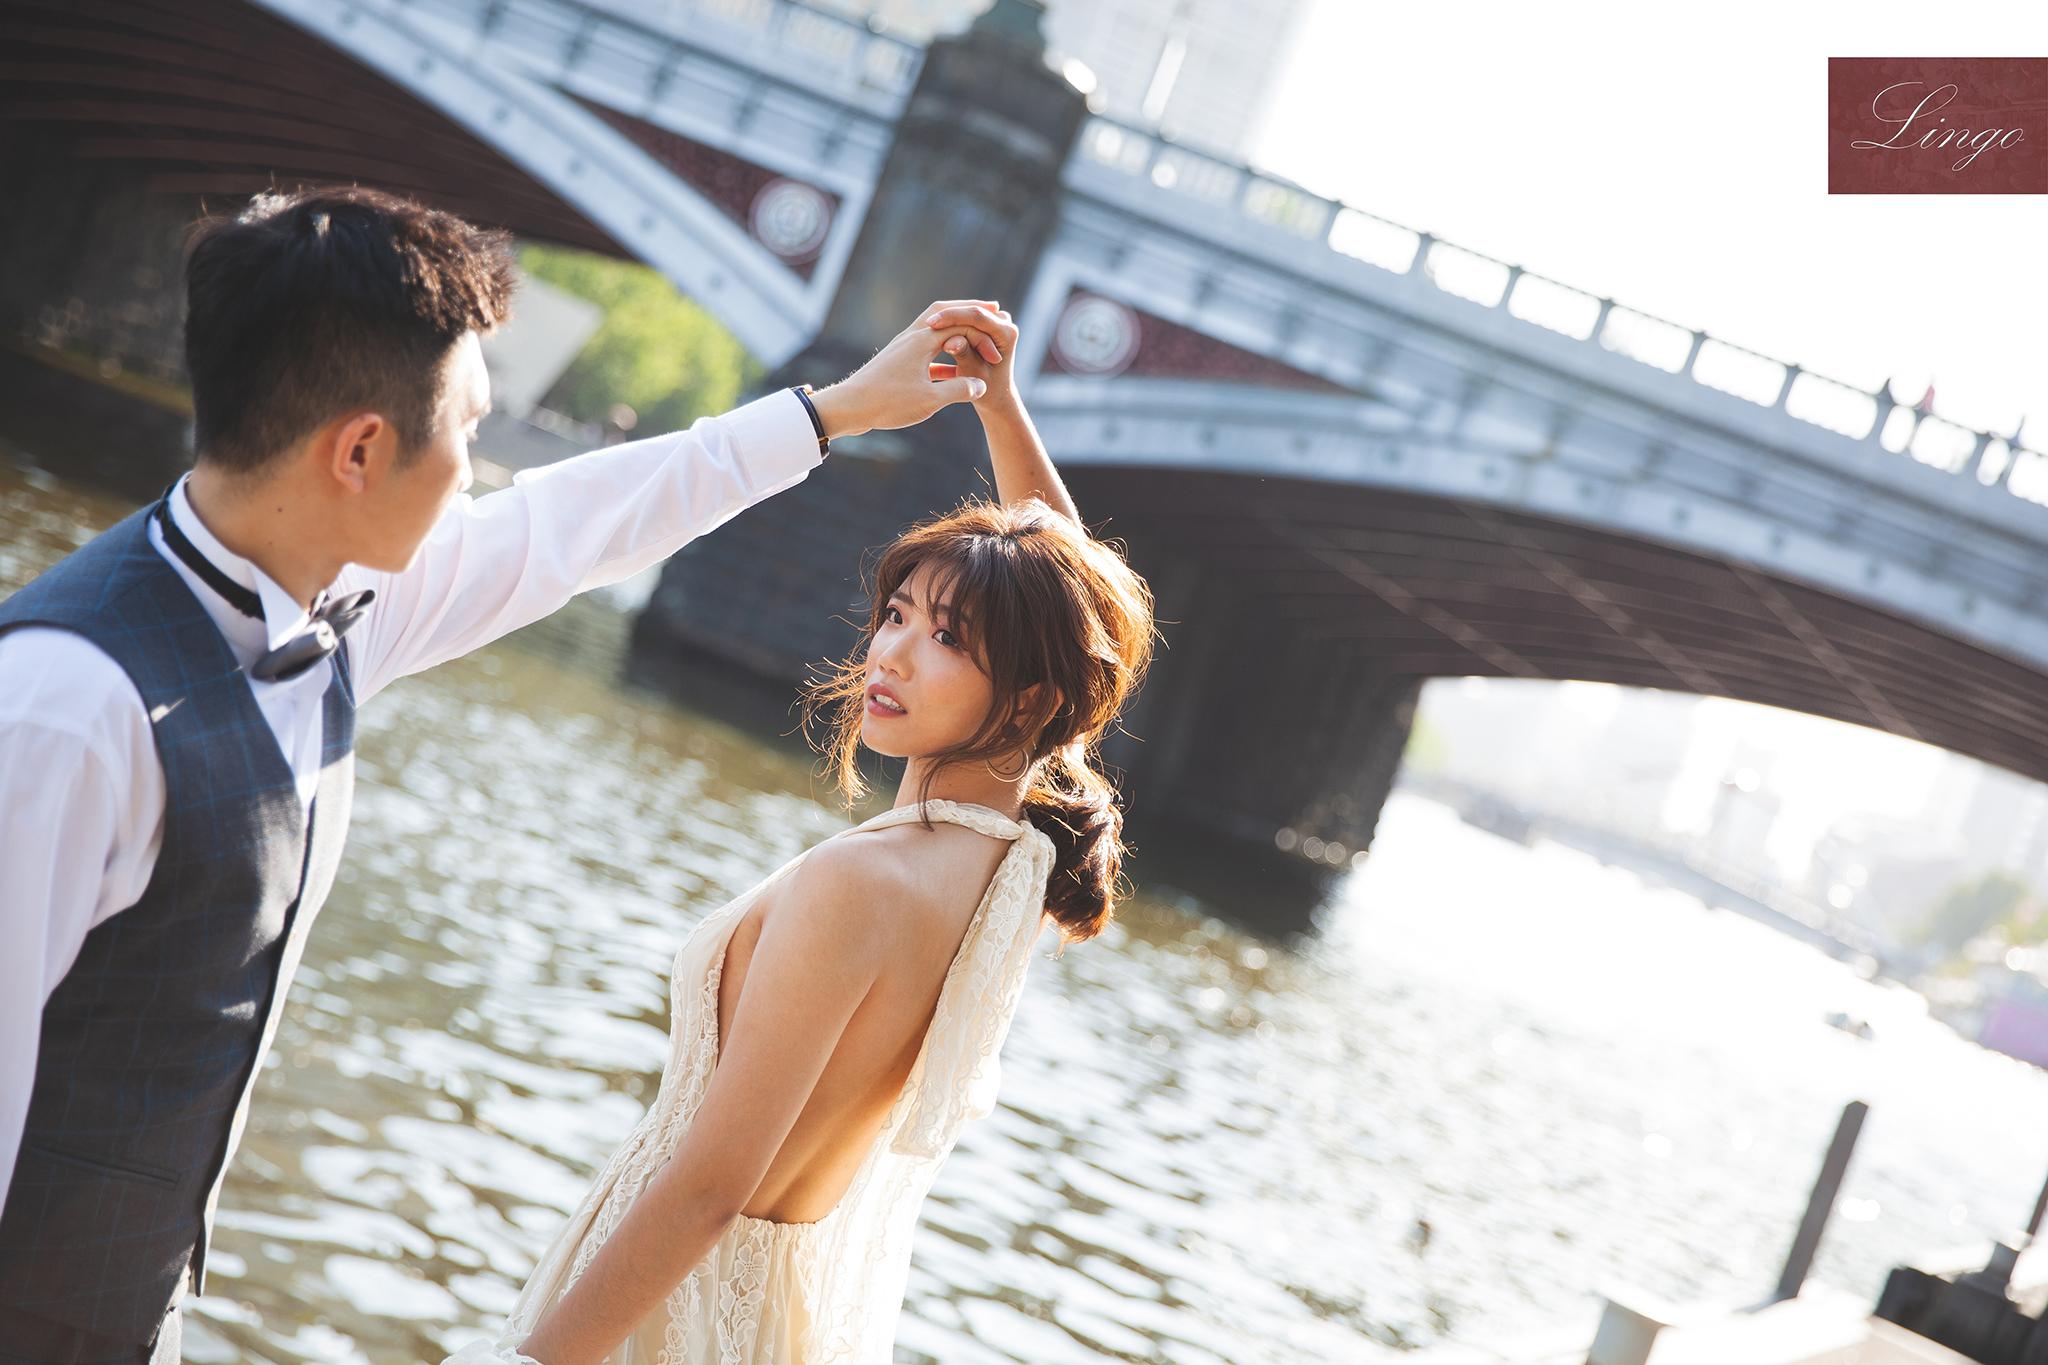 Lingo image -Bridal 37